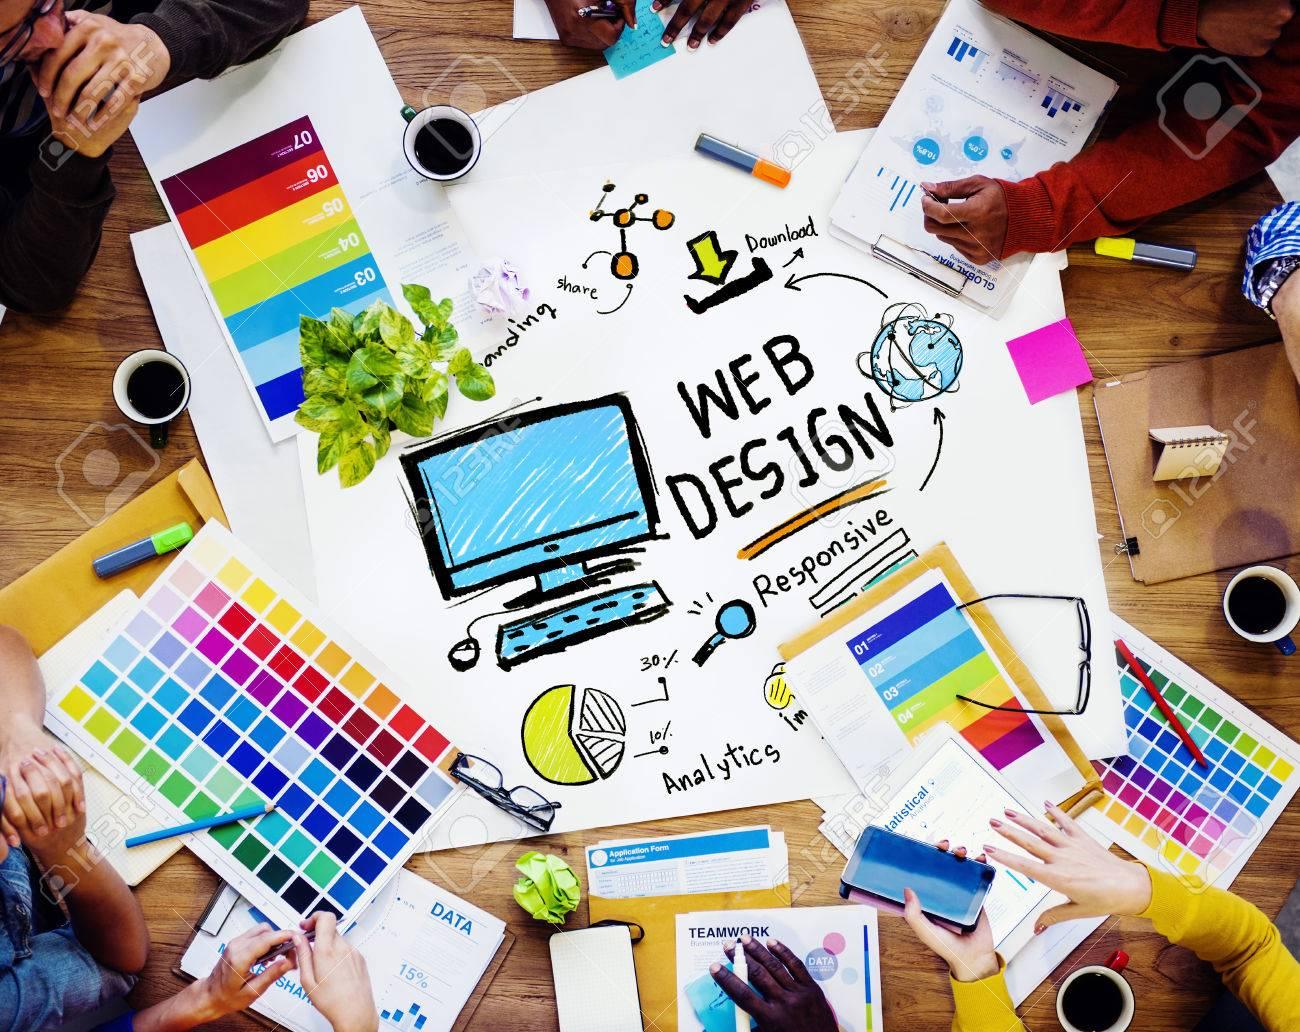 Diseño web, creatividad y trabajo en equipo